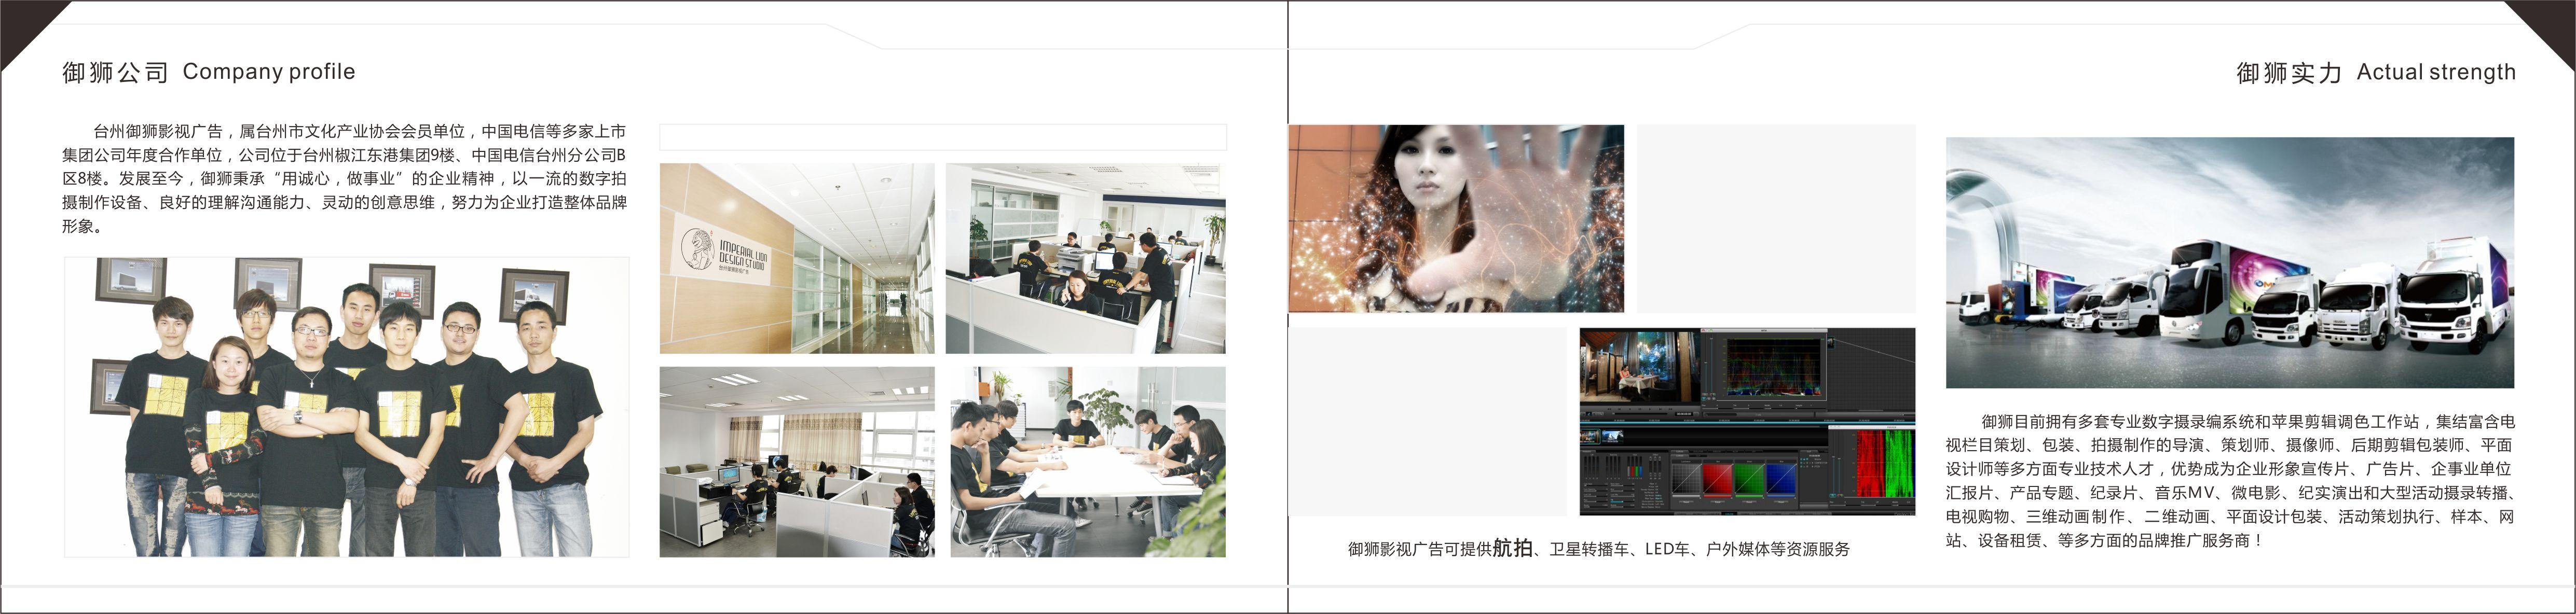 御狮影视广告设计公司最新招聘信息启事-台州人才网